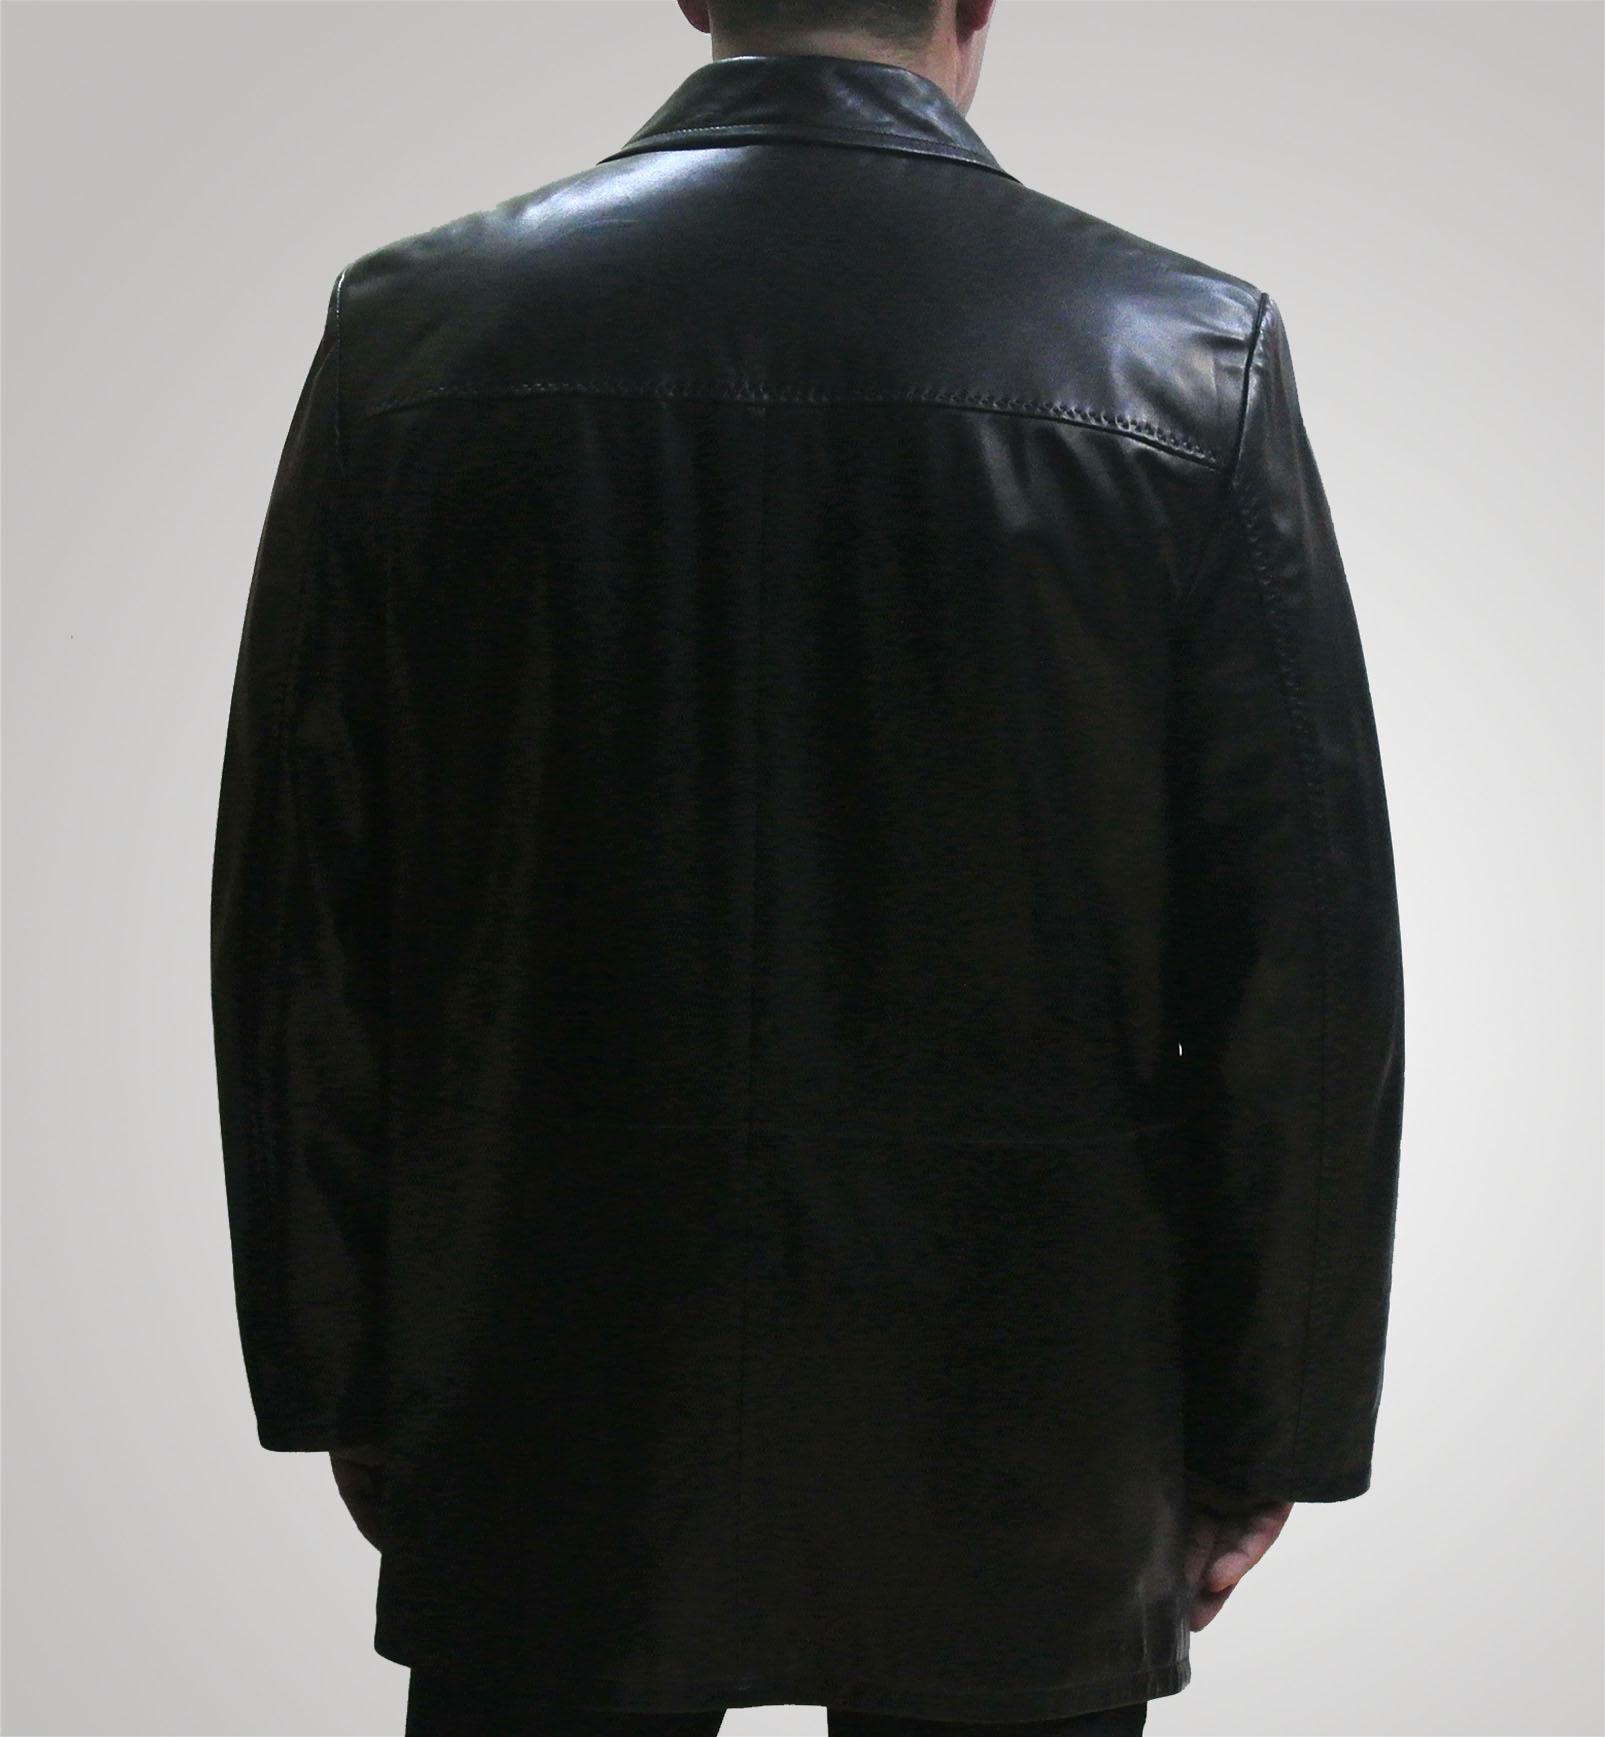 Распродажа верхней одежды прошлых сезонов интернет магазин